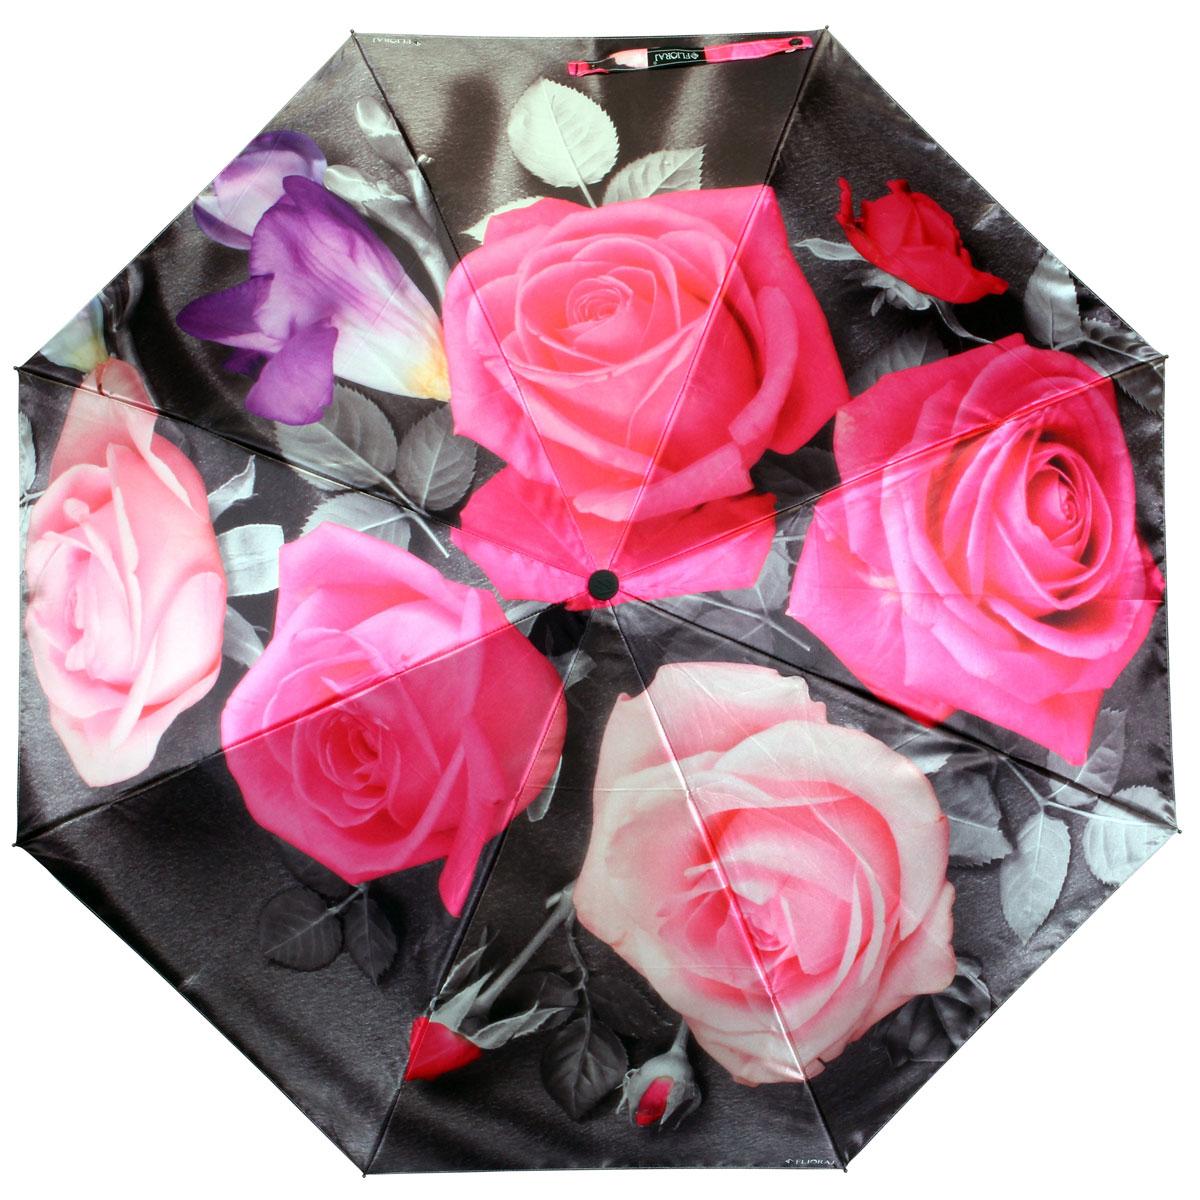 Зонт женский Flioraj Розы, автомат, 3 сложения. 013-032FJ013-032FJСтильный автоматический зонт Flioraj Розы в 3 сложения даже в ненастную погоду позволит вам оставаться стильной и элегантной. Каркас зонта из анодированной стали состоит из восьми карбоновых спиц, оснащен удобной прорезиненной рукояткой. Зонт имеет полный автоматический механизм сложения: купол открывается и закрывается нажатием кнопки на рукоятке, стержень складывается вручную до характерного щелчка, благодаря чему открыть и закрыть зонт можно одной рукой, что чрезвычайно удобно при входе в транспорт или помещение. Купол зонта выполнен из прочного сатина черного цвета и оформлен изображением розовых роз. На рукоятке для удобства есть небольшой шнурок-резинка, позволяющий надеть зонт на руку тогда, когда это будет необходимо. К зонту прилагается чехол.